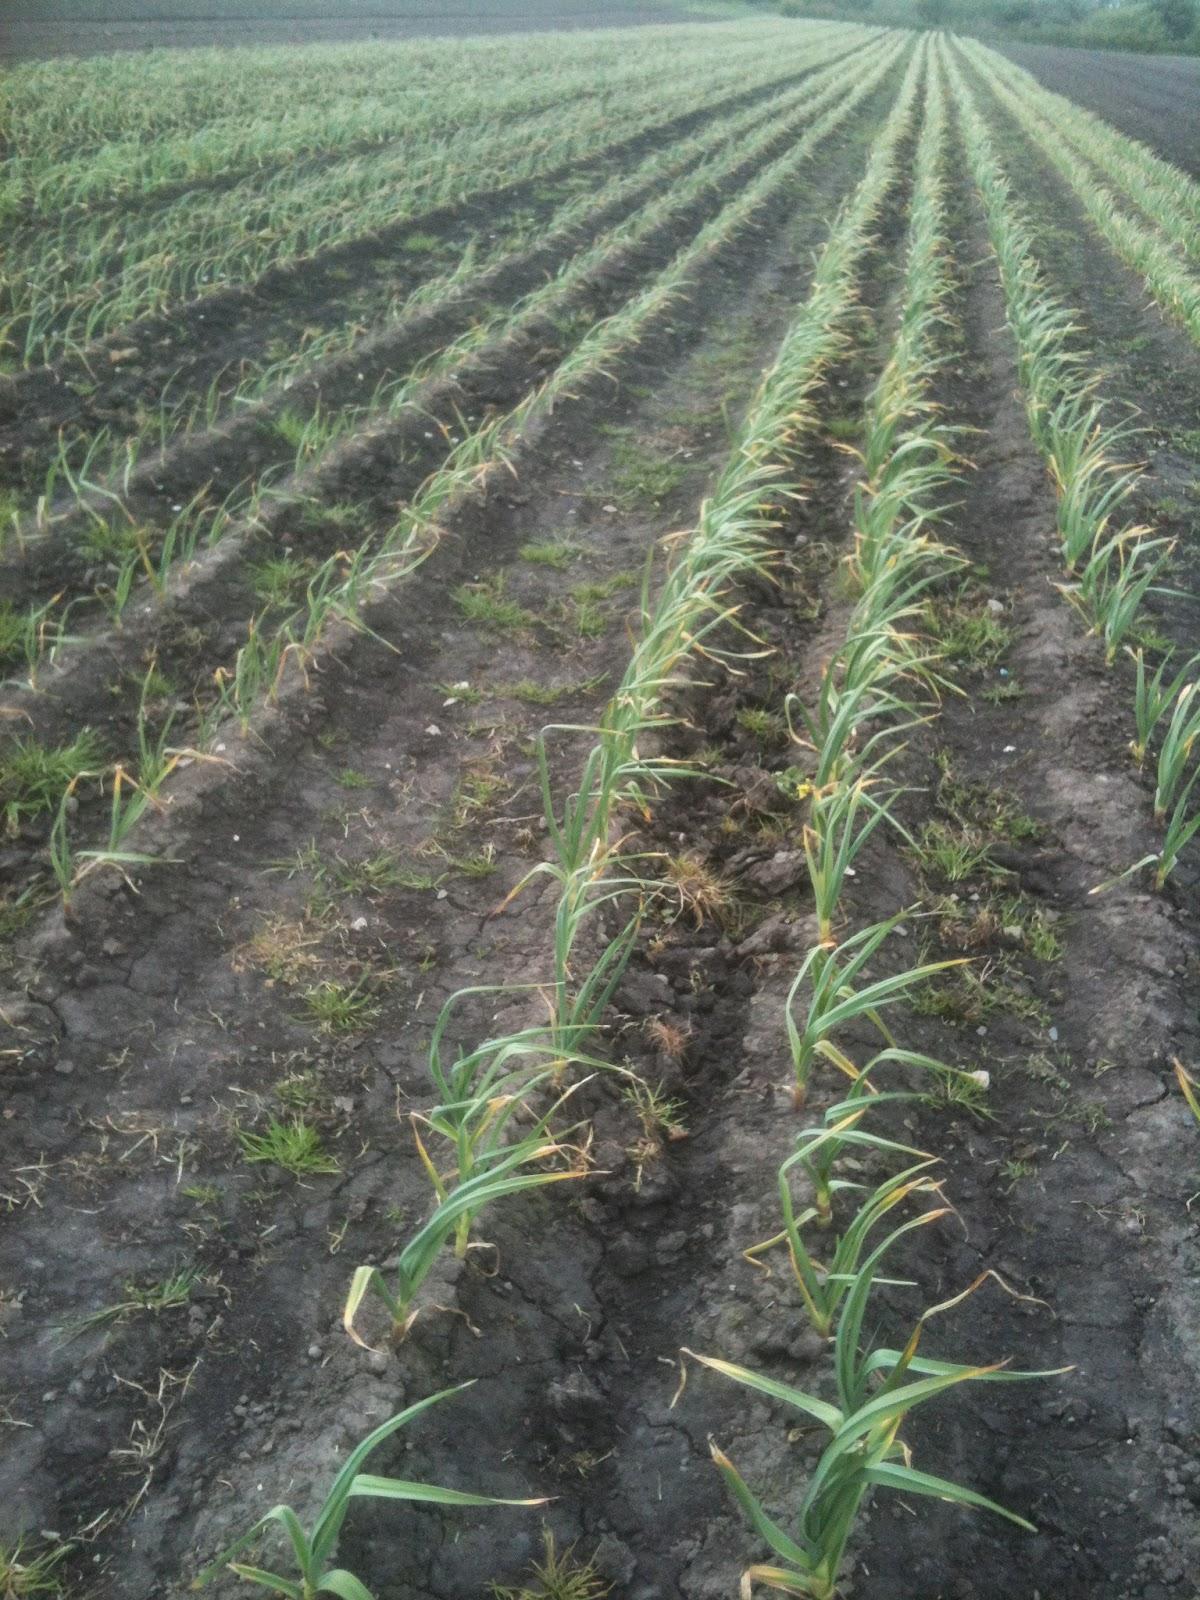 Field scale garlic growing.